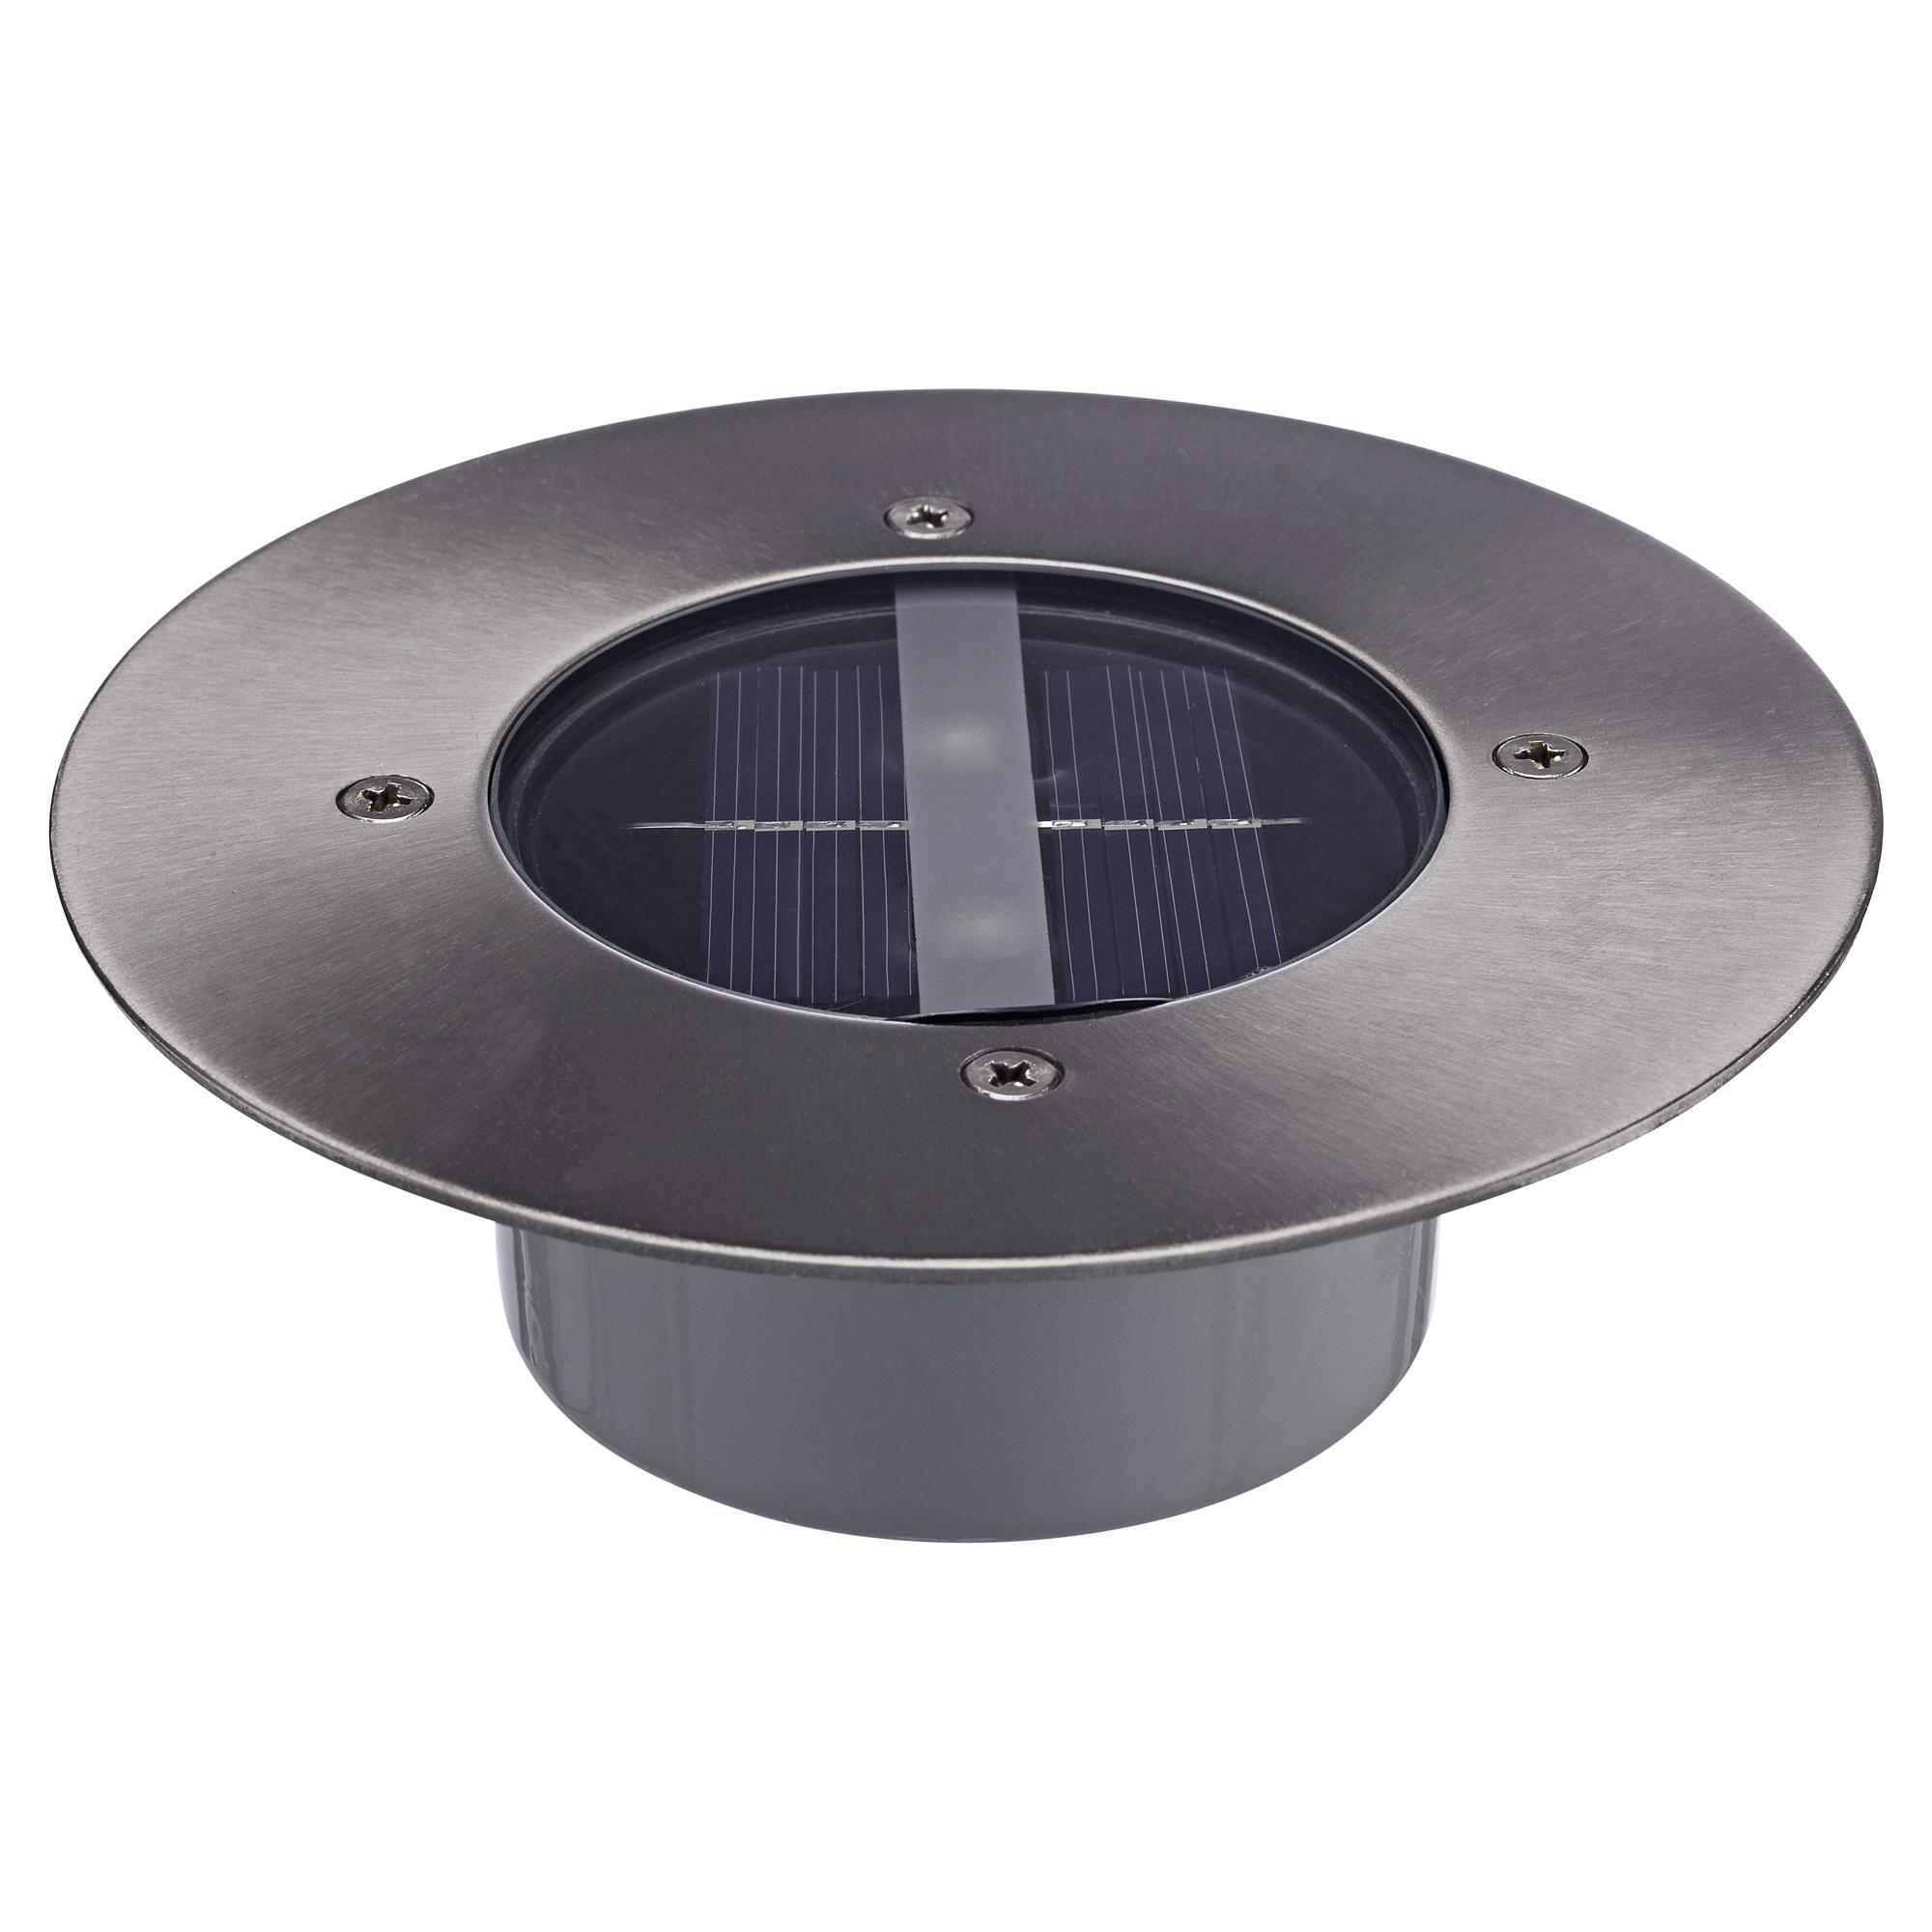 Beliebt toom Solar-Bodeneinbaustrahler rund silbern Ø 14 cm ǀ toom Baumarkt XH12